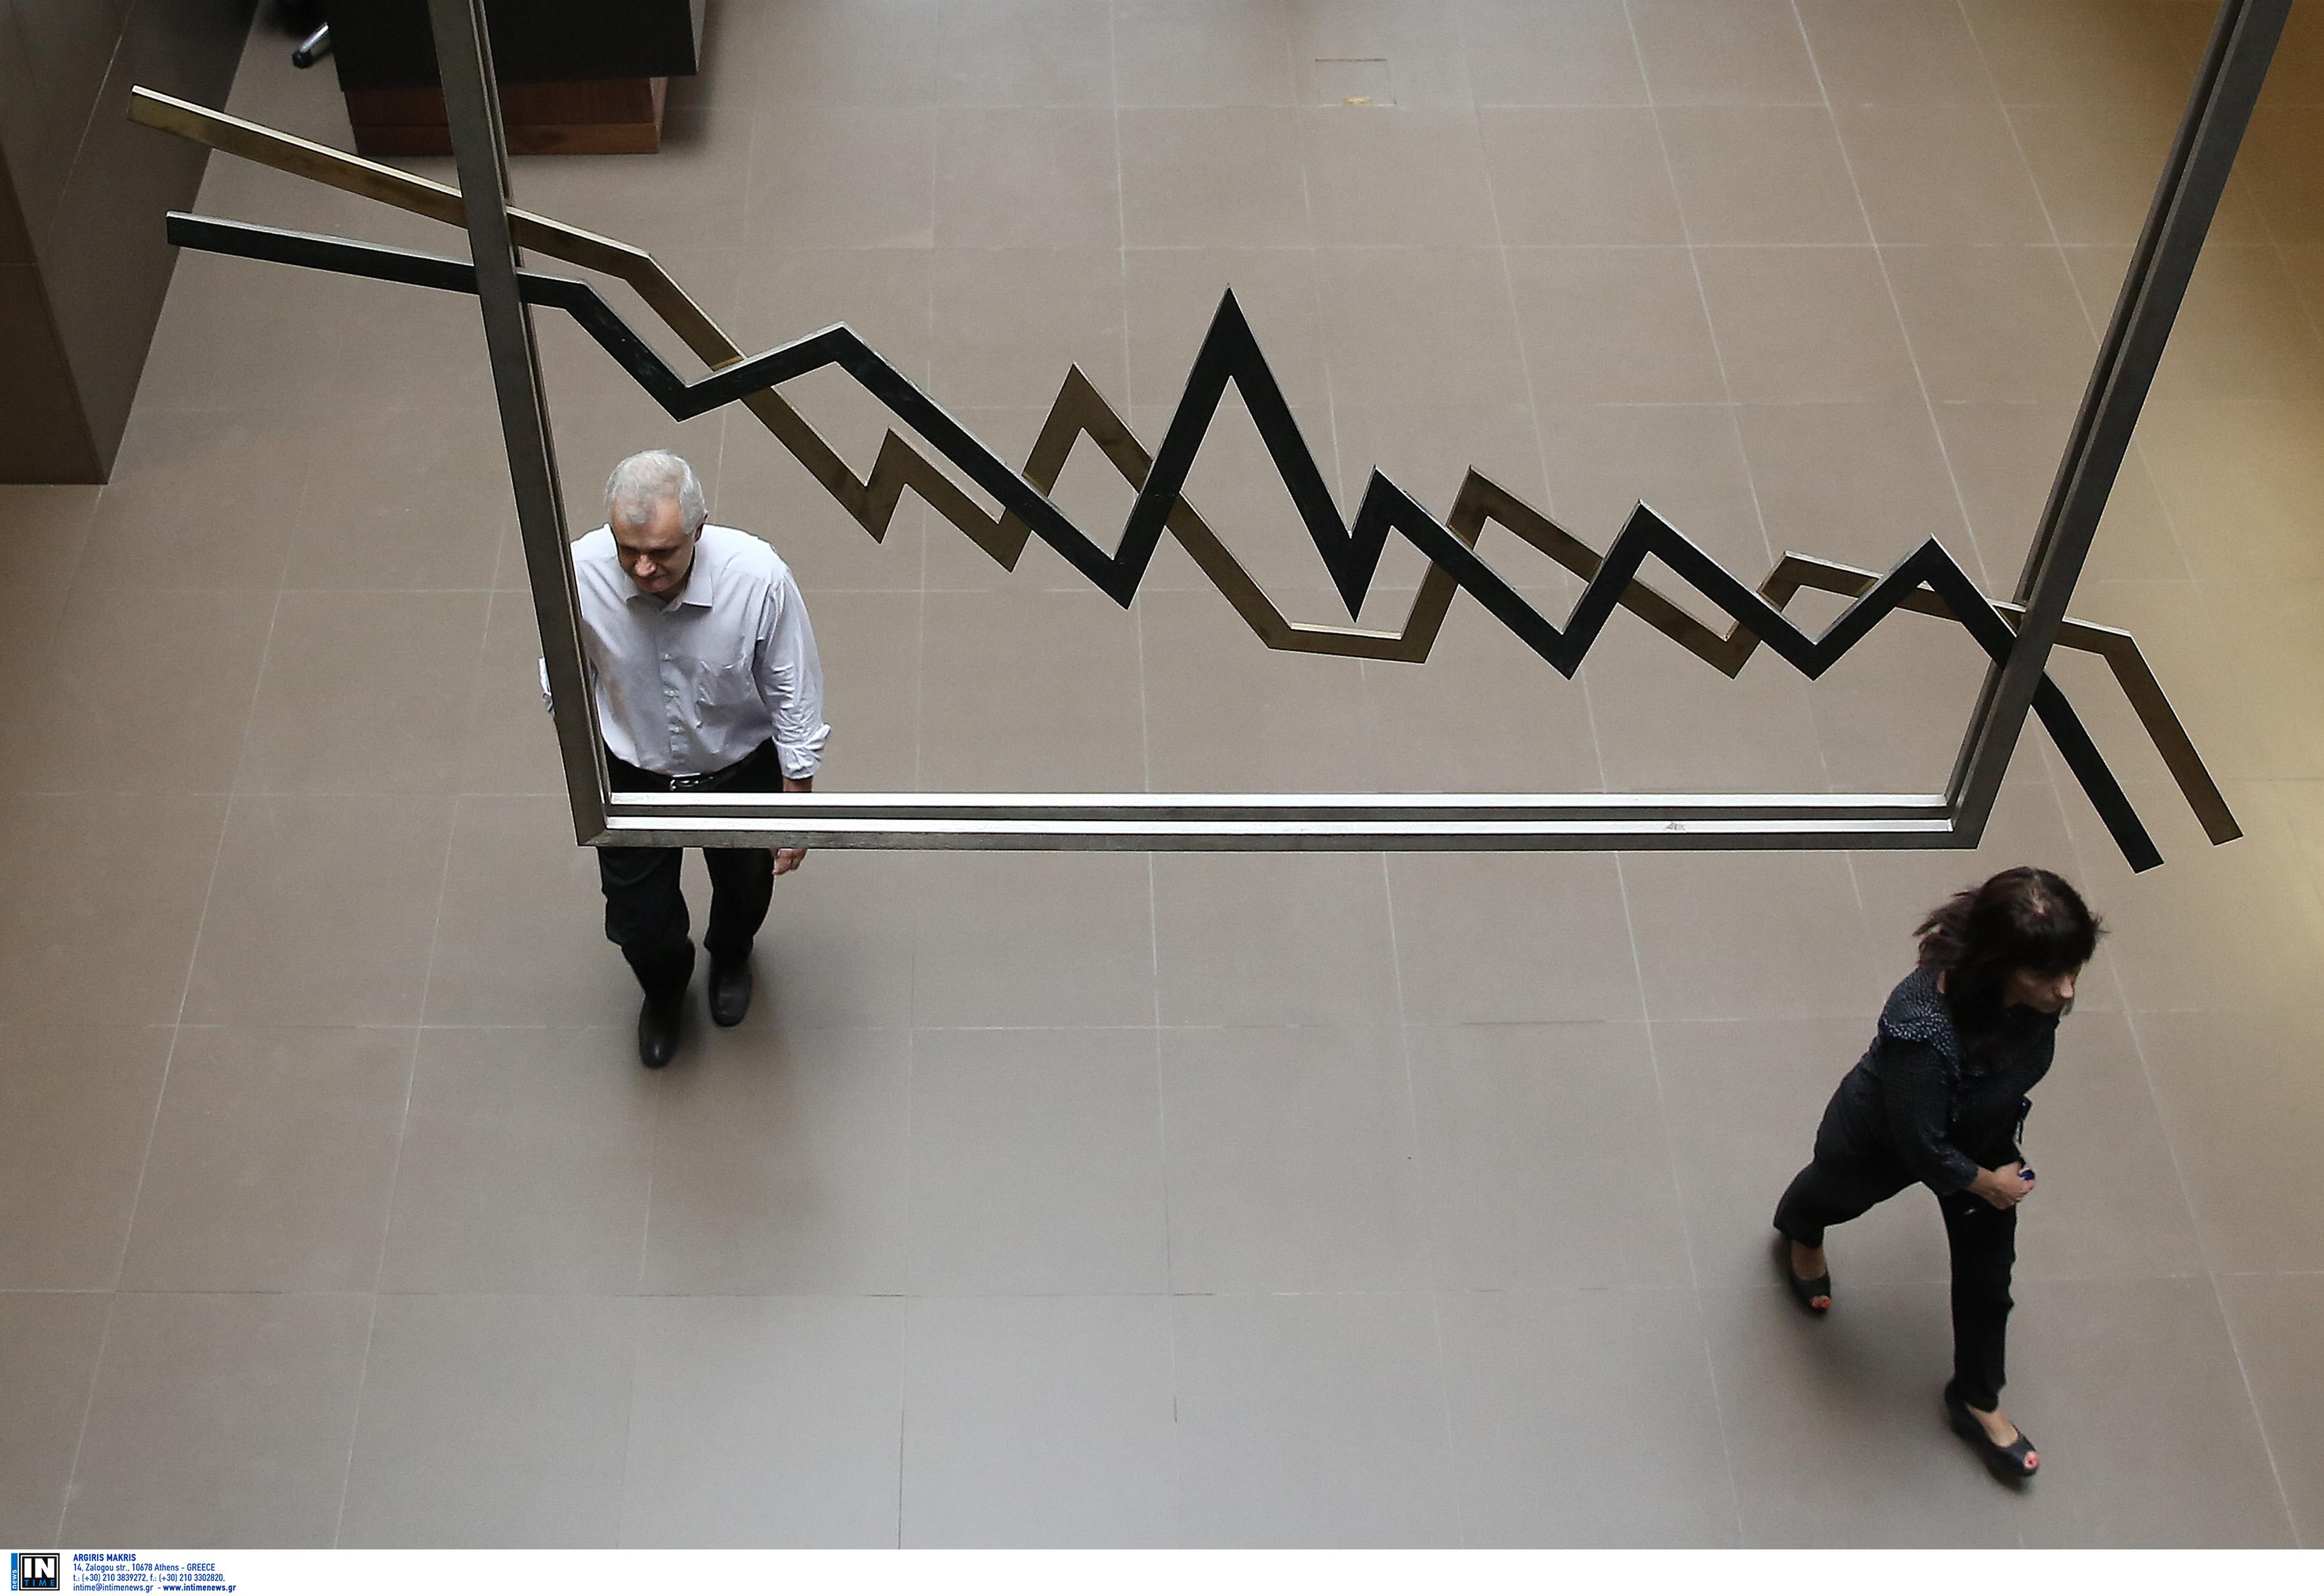 Στο επίπεδο του 9,5% η απόδοση του 10ετούς ομολόγου | tovima.gr